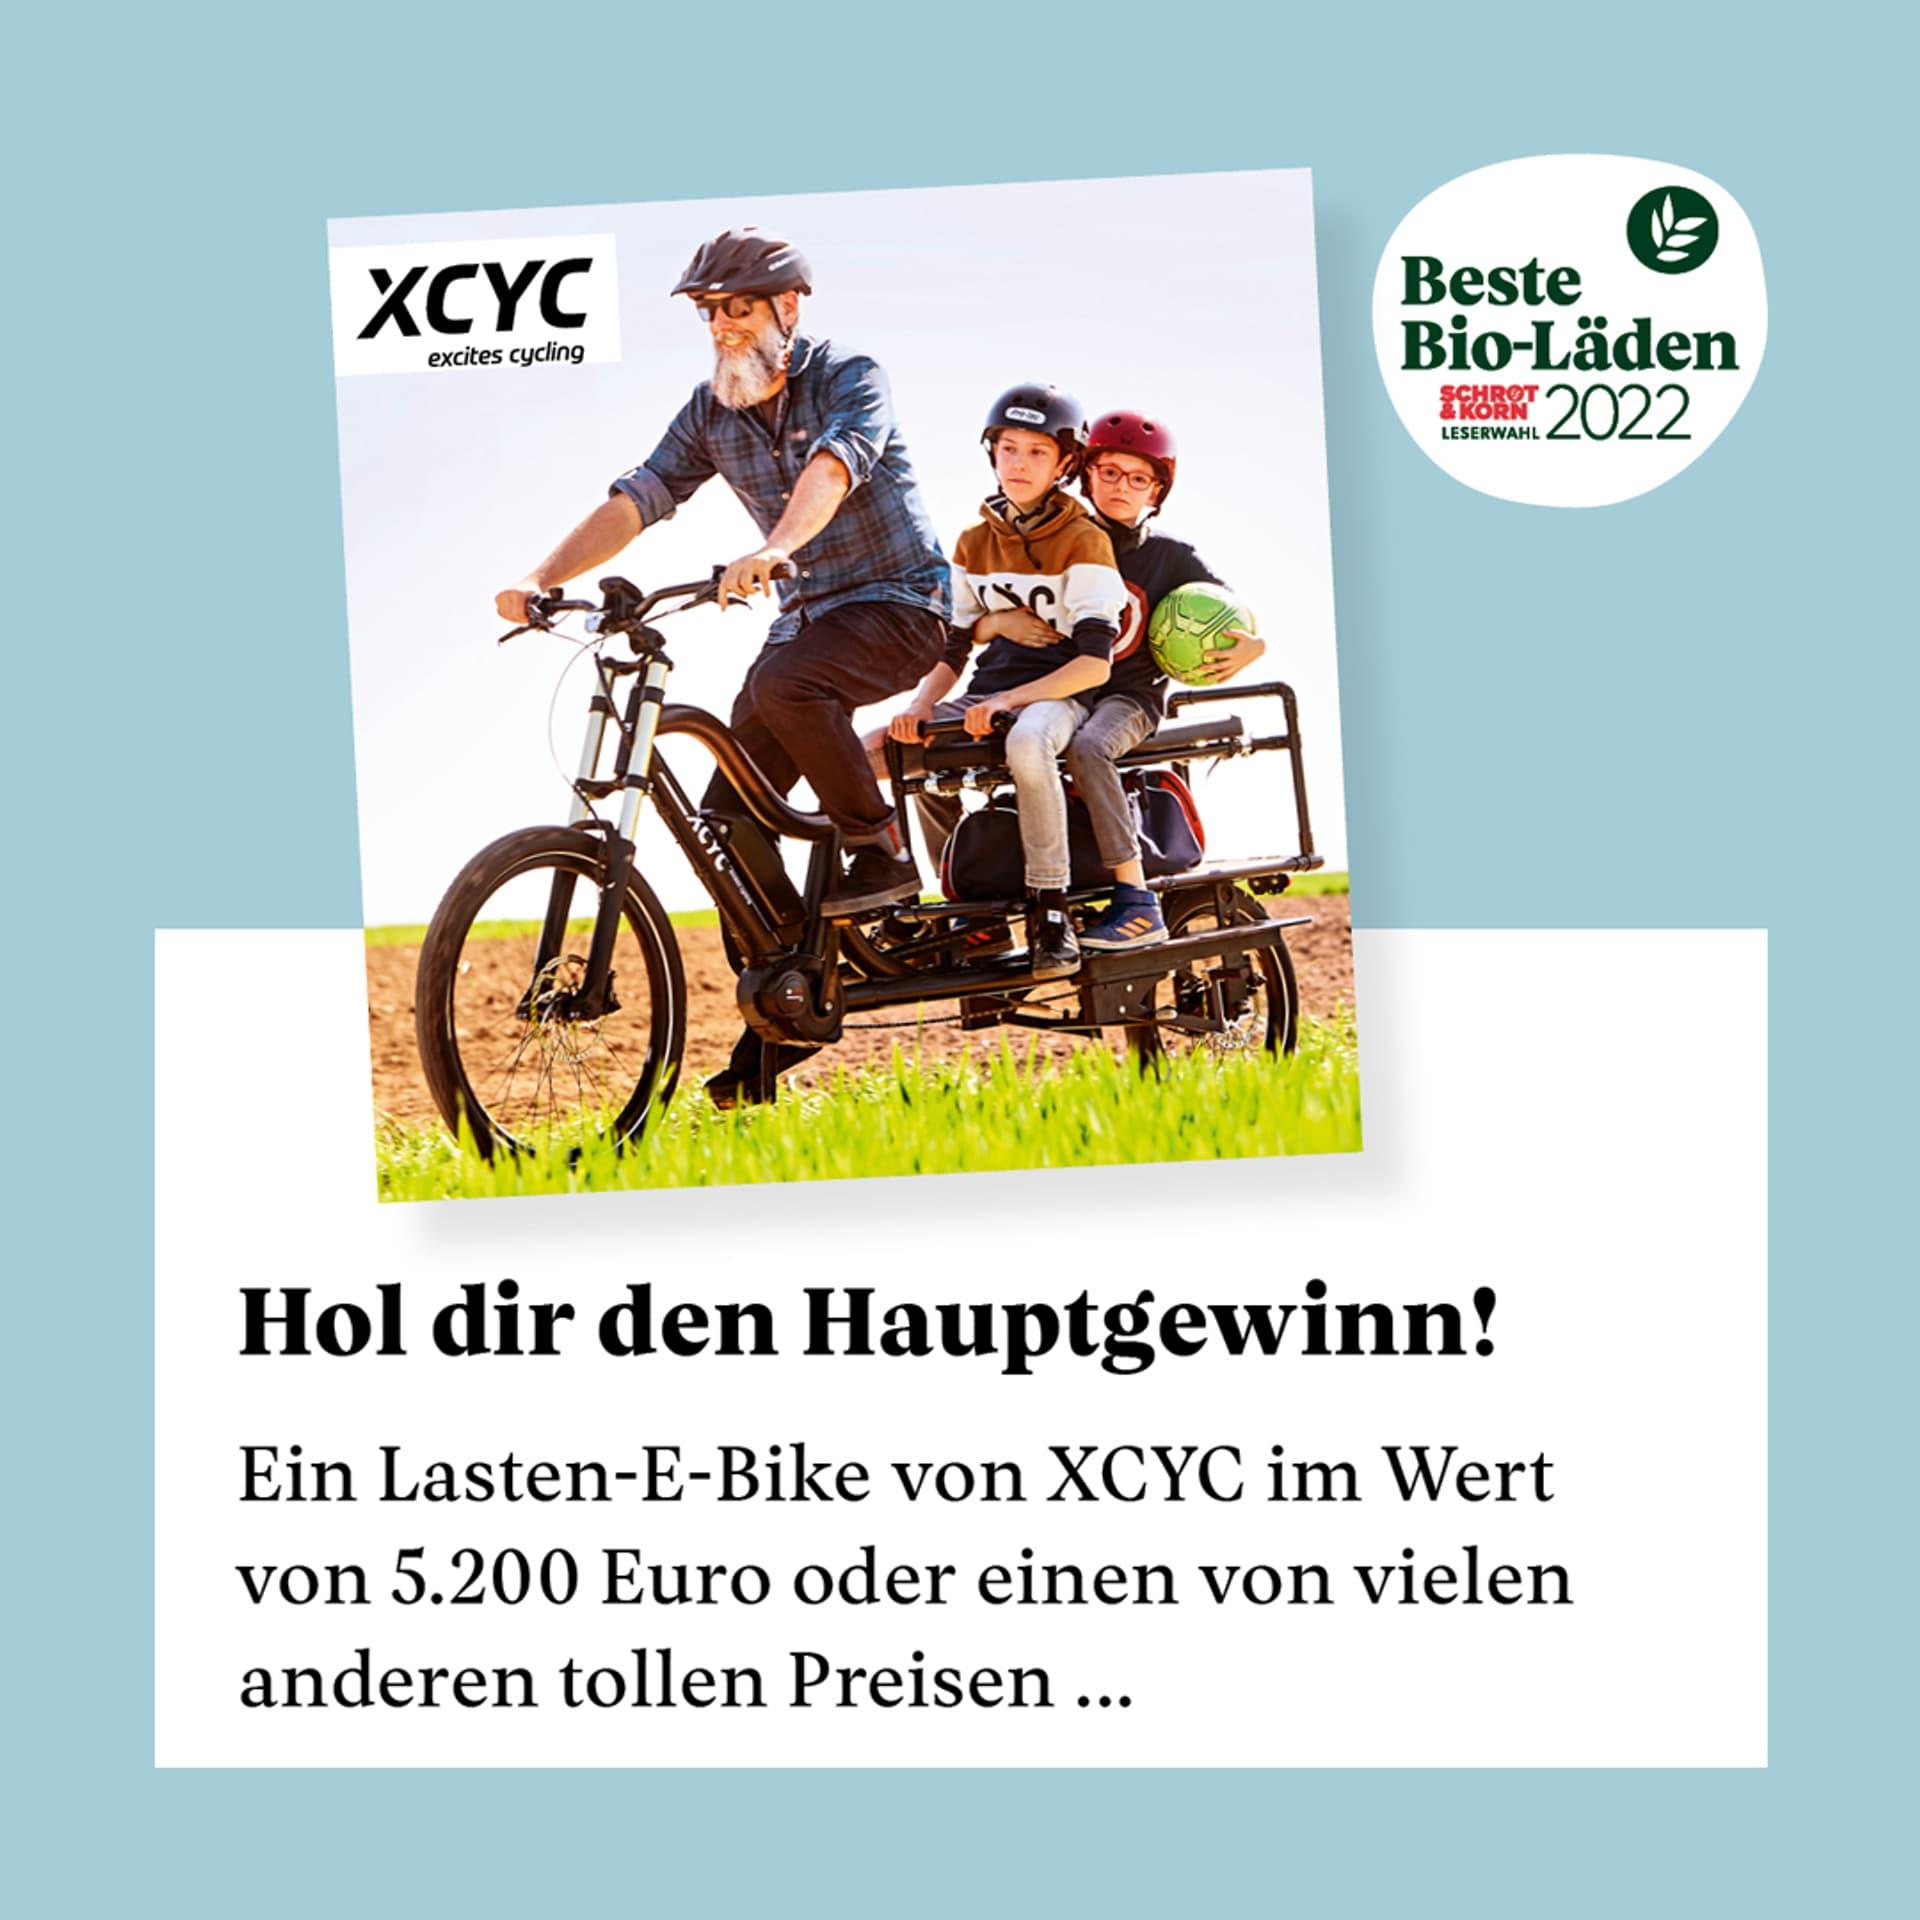 Der Hauptpreis bei Beste Bio-Läden 2022 ist ein Lasen-E-Bike